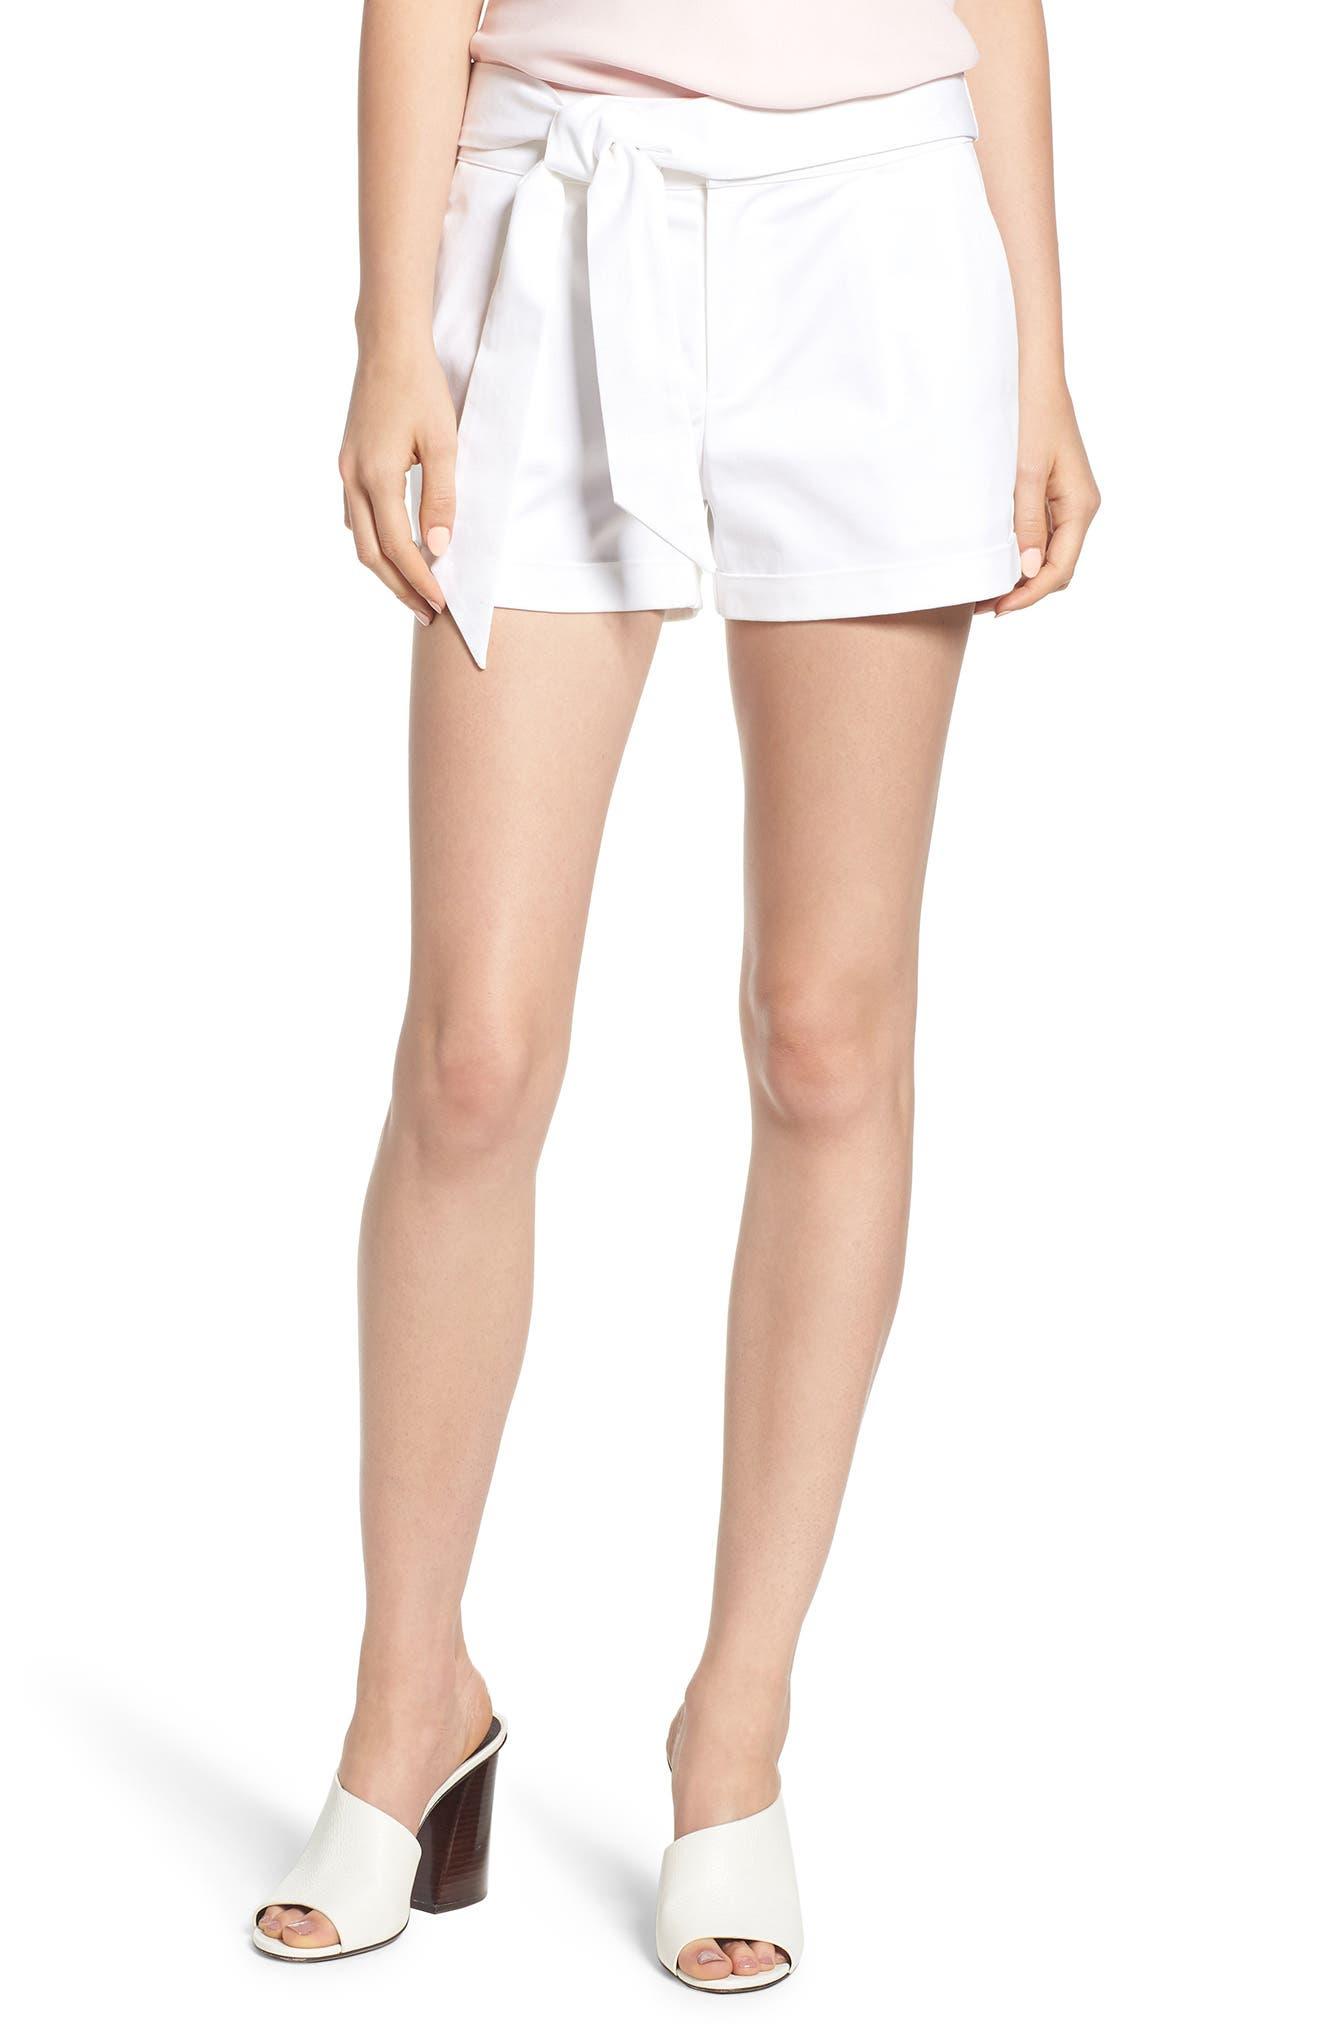 Yelinda Shorts,                         Main,                         color, White